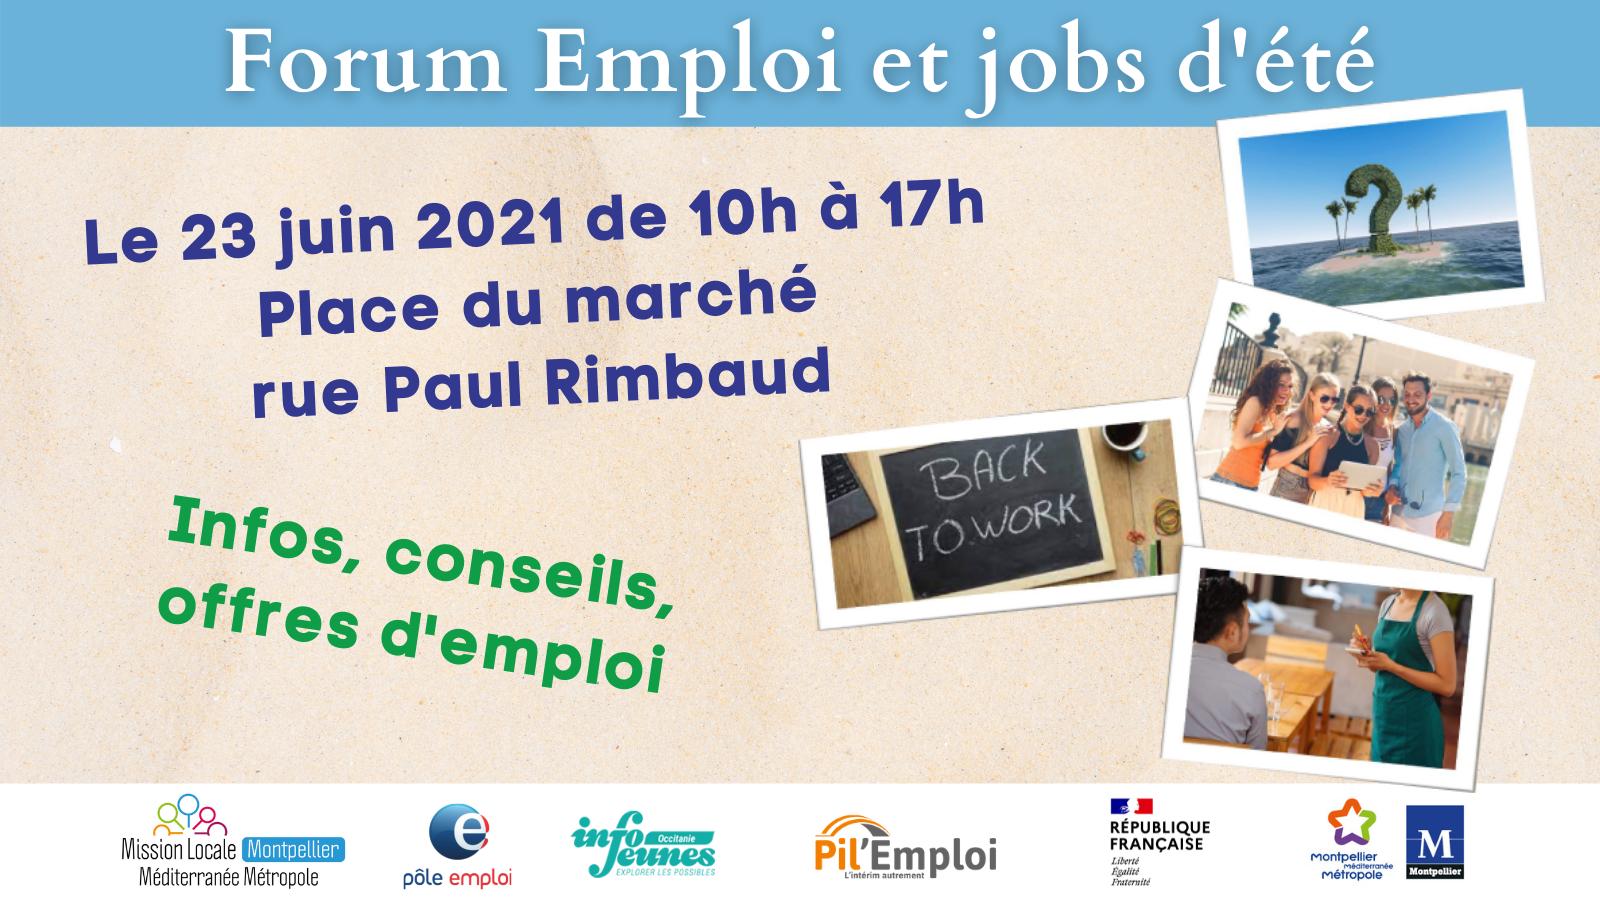 Forum emploi et jobs d'été